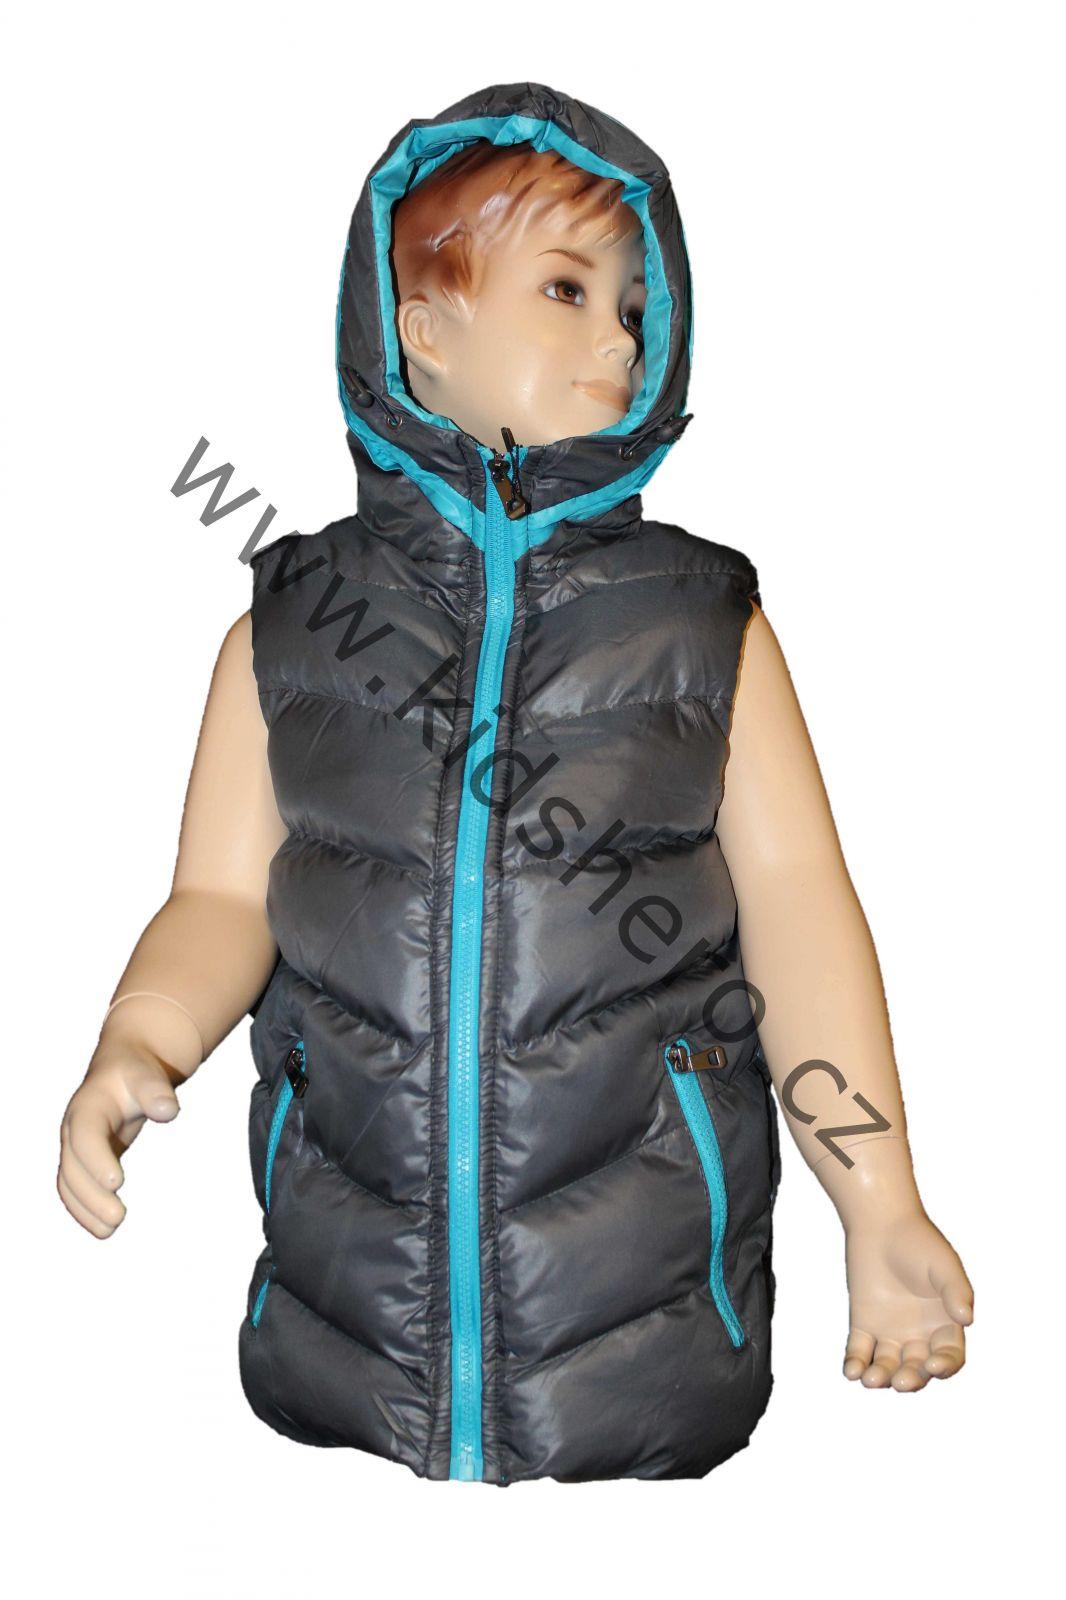 Dětská vesta, prošívaná vesta, vestička SEAGULL